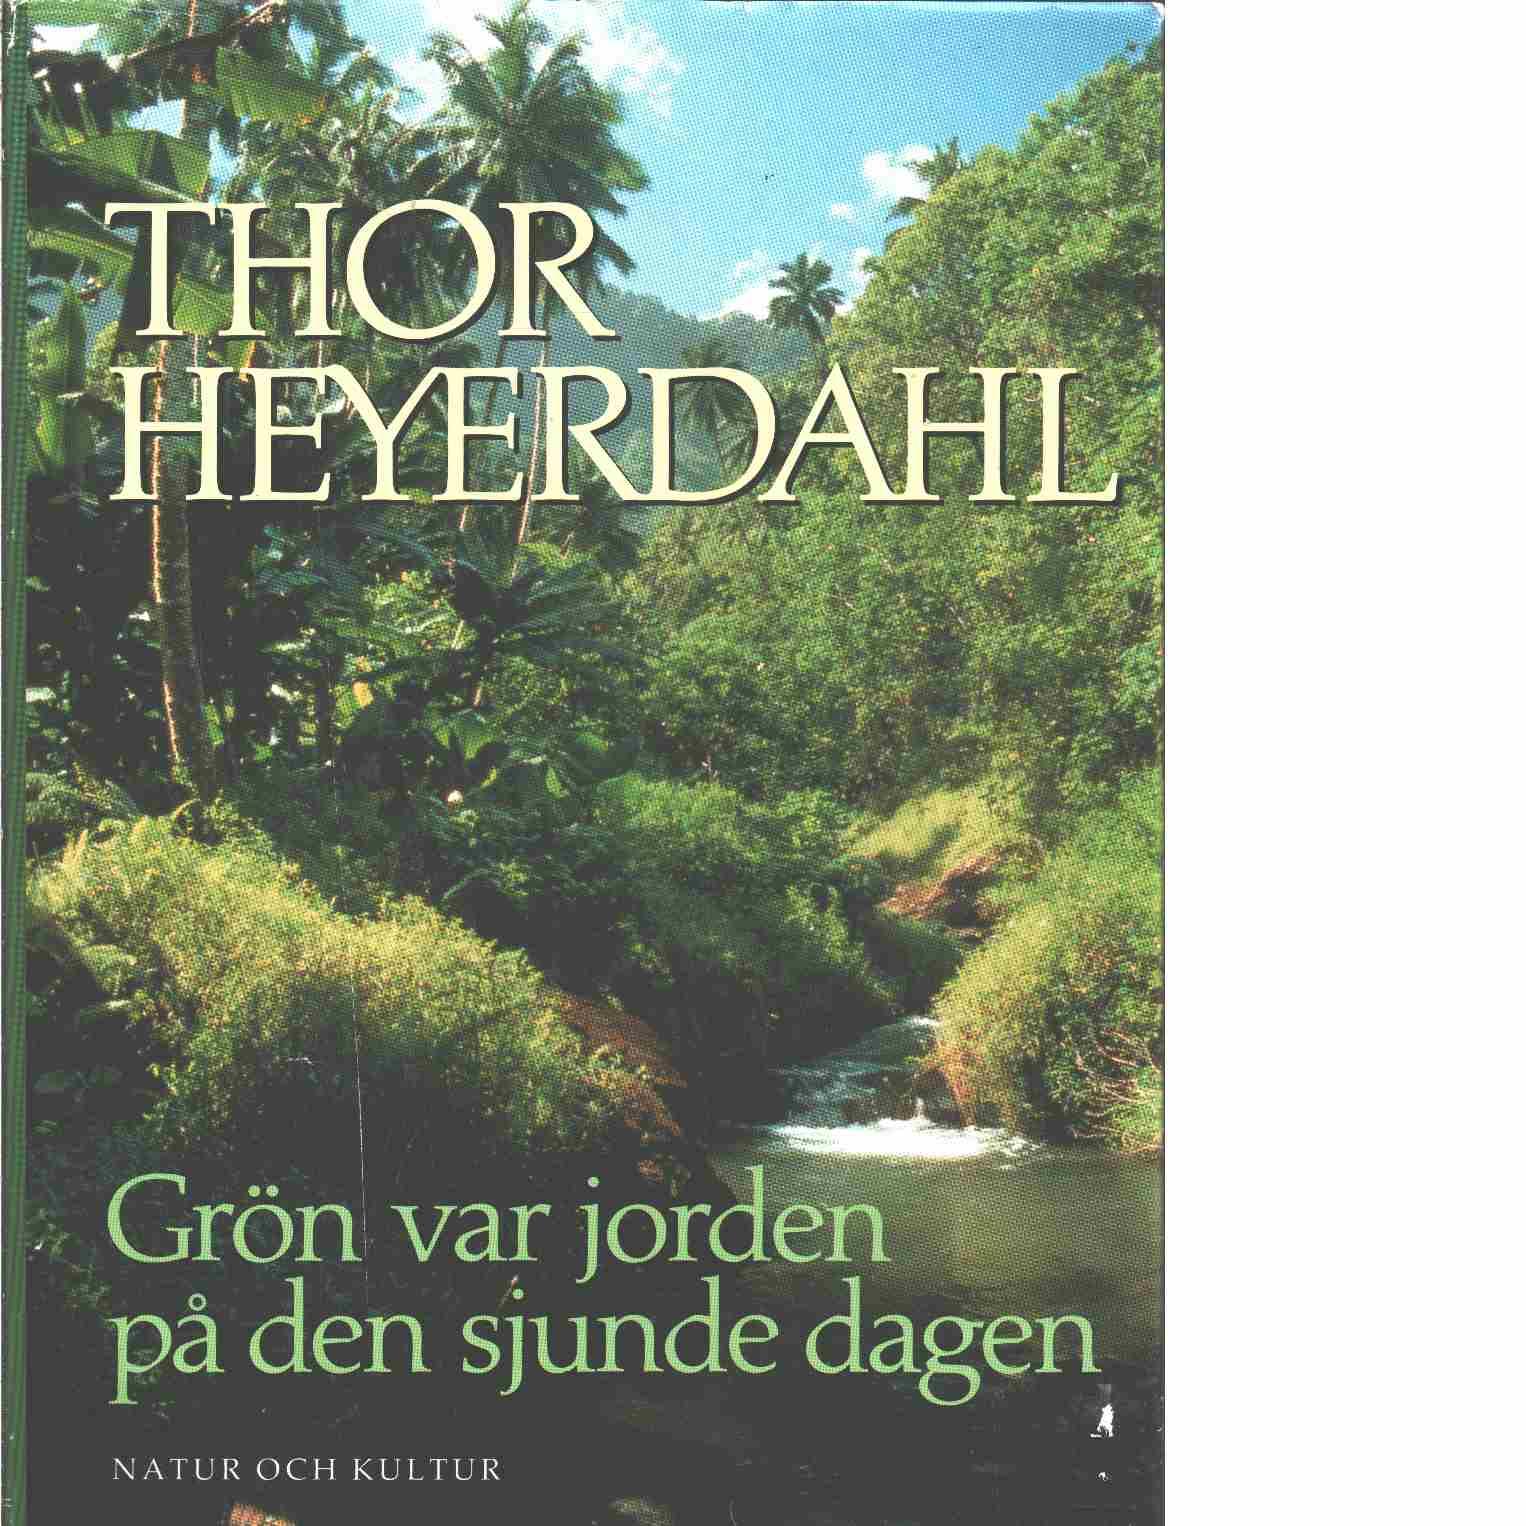 Grön var jorden på den sjunde dagen - Heyerdahl, Thor